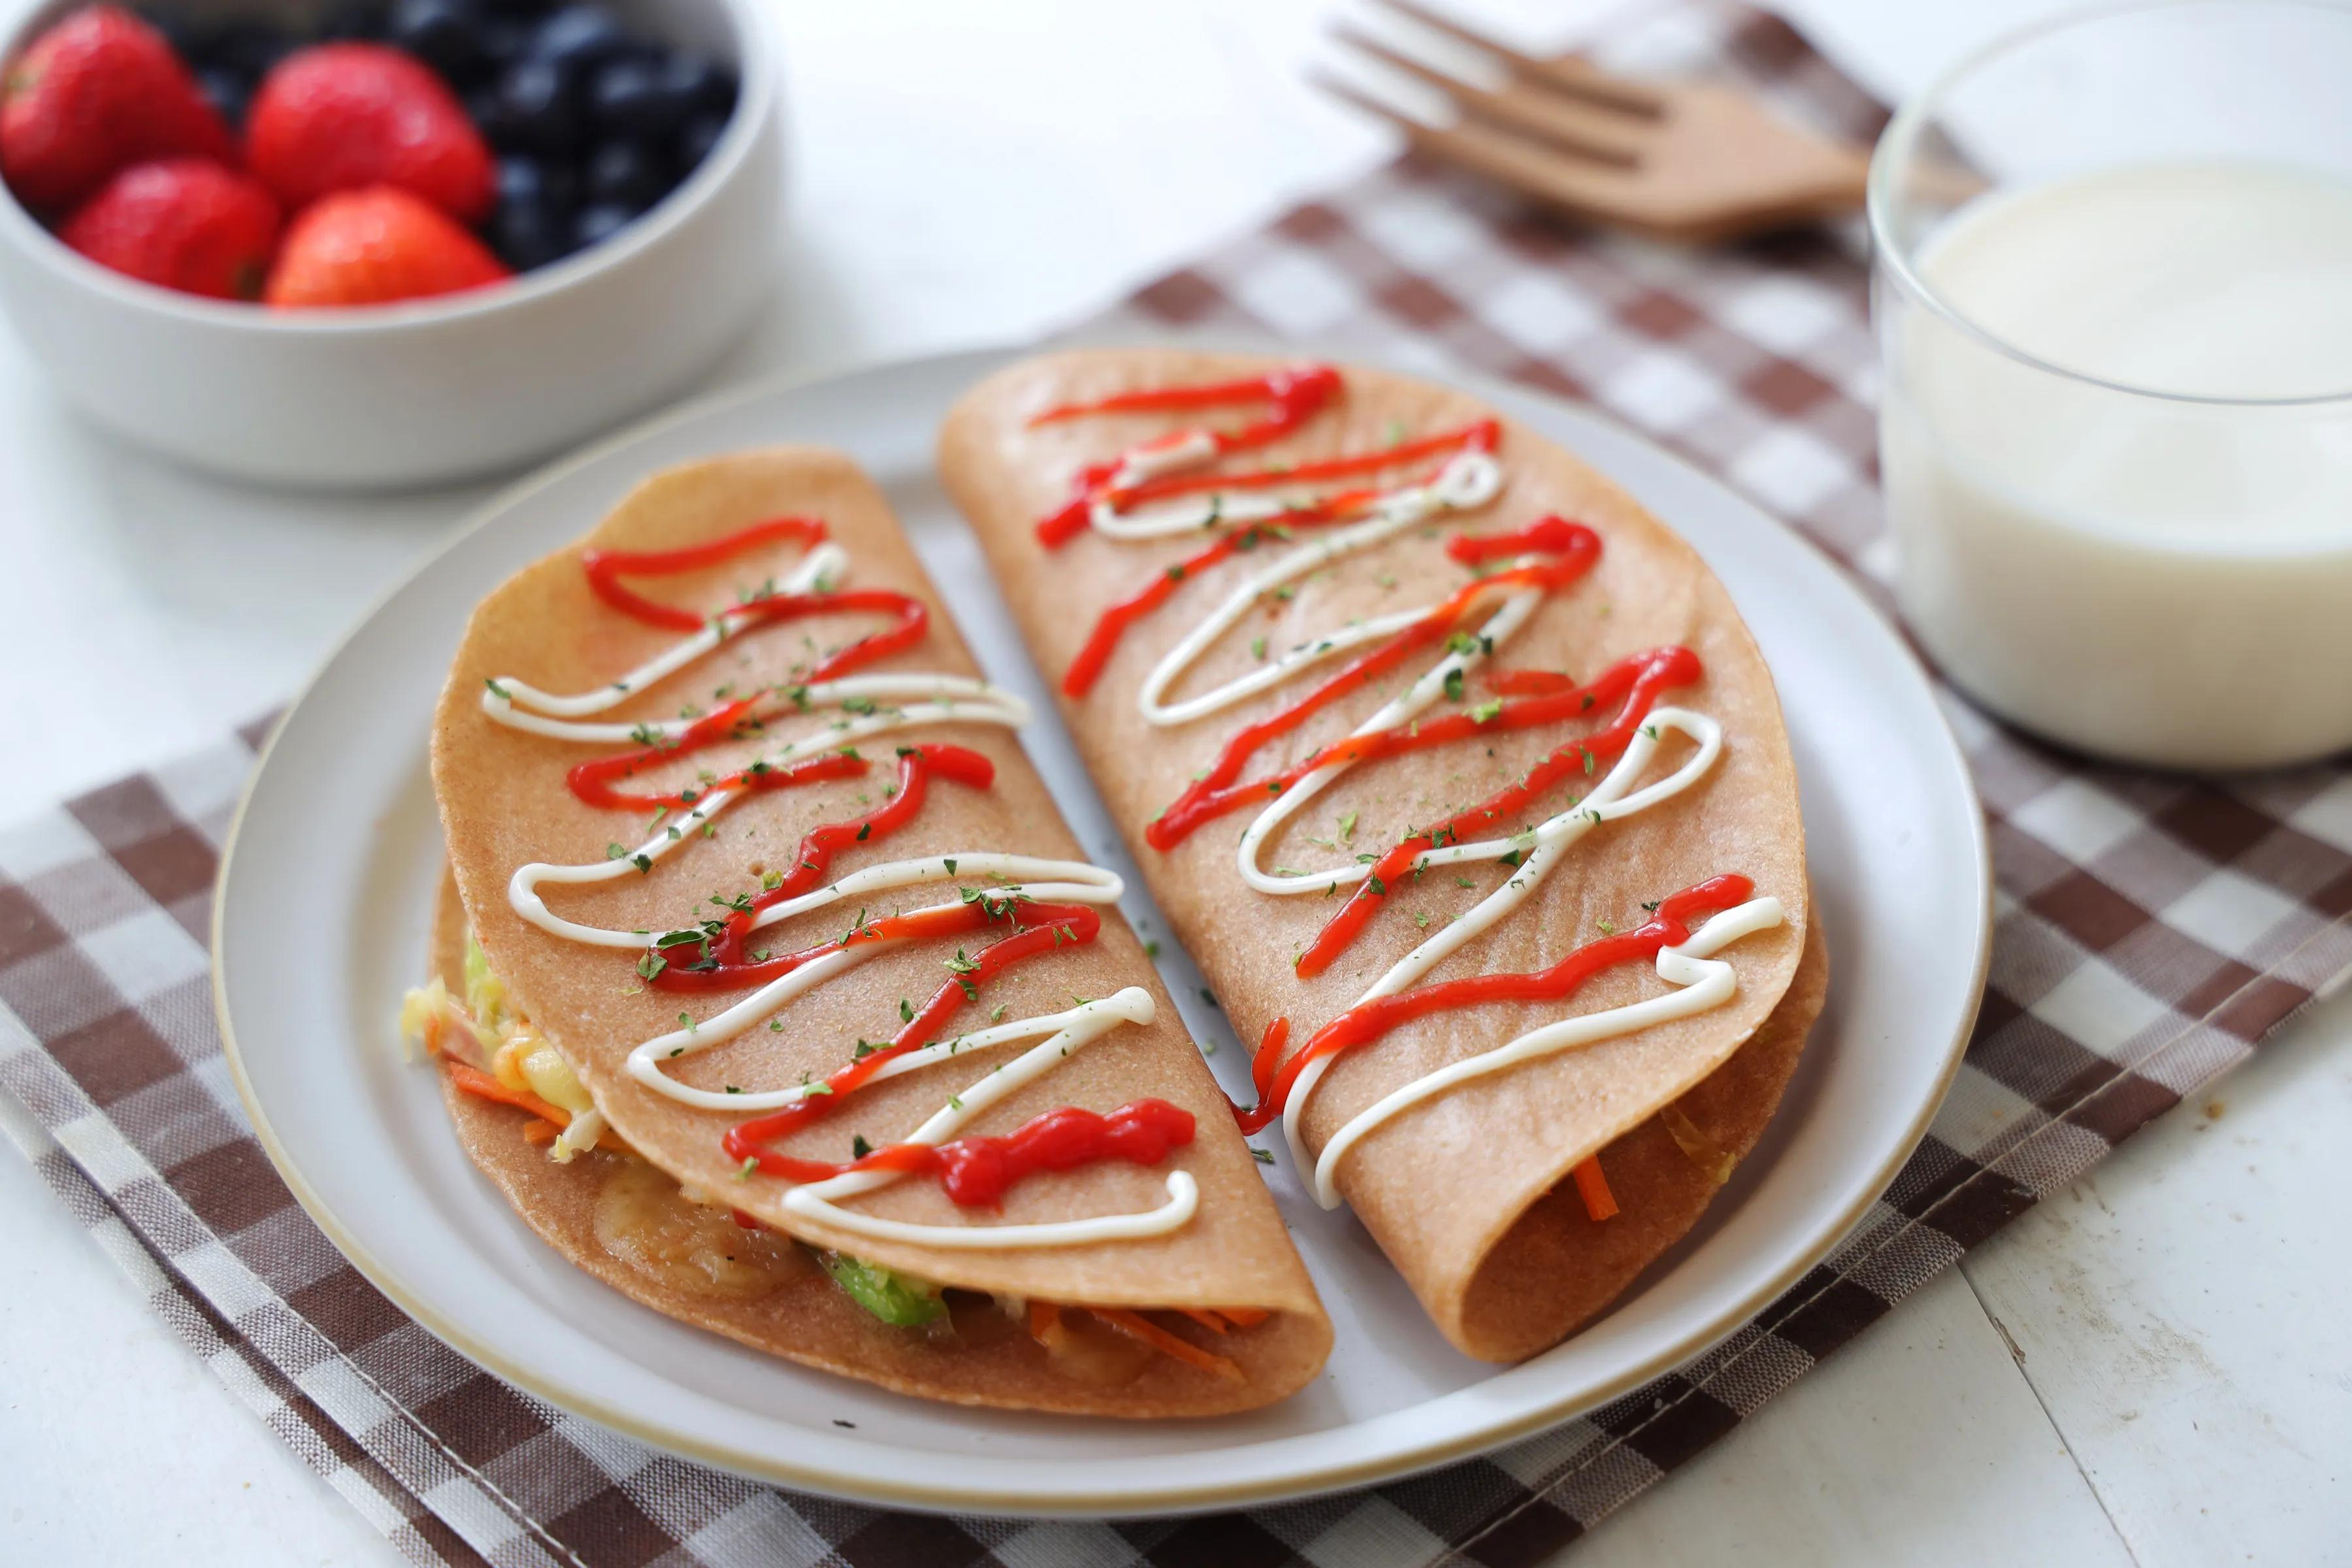 超棒的減脂早餐,葷素搭配,低脂高蛋白,微波爐幾分鐘就搞定了